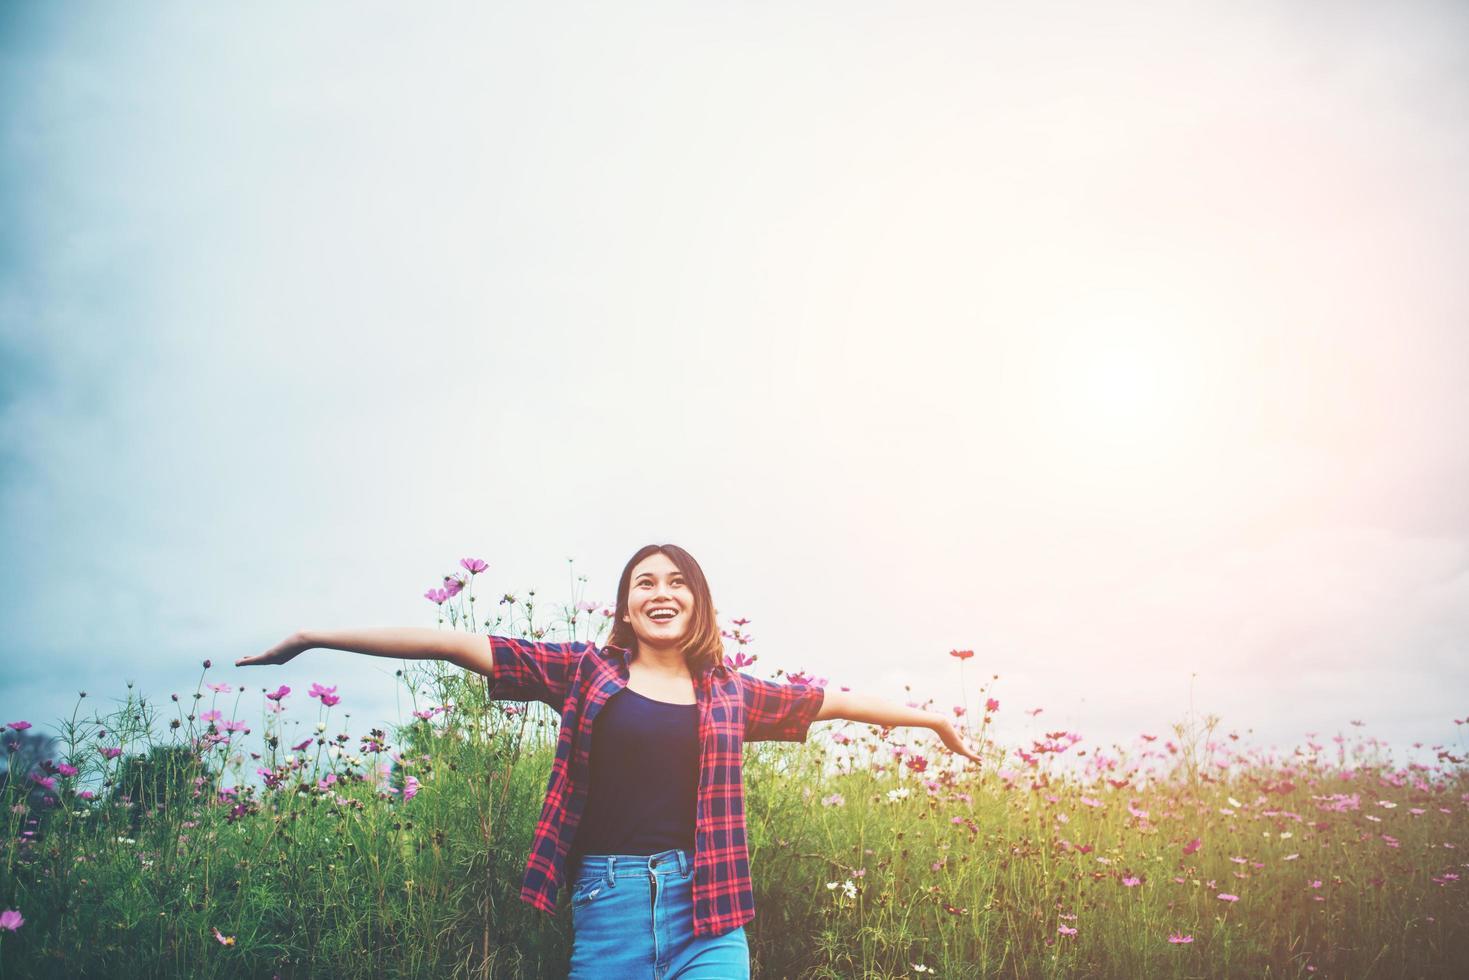 felice giovane donna alzando le mani in un prato foto